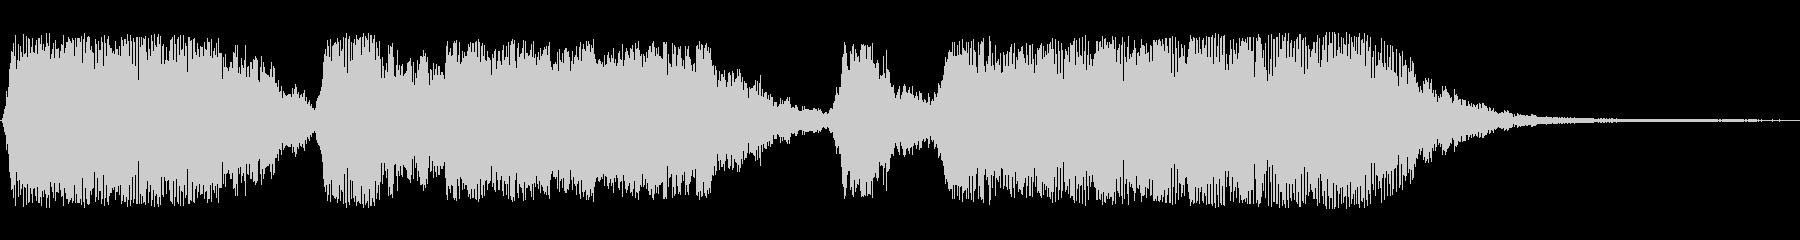 オープニング等シンセサイザーの効果音の未再生の波形